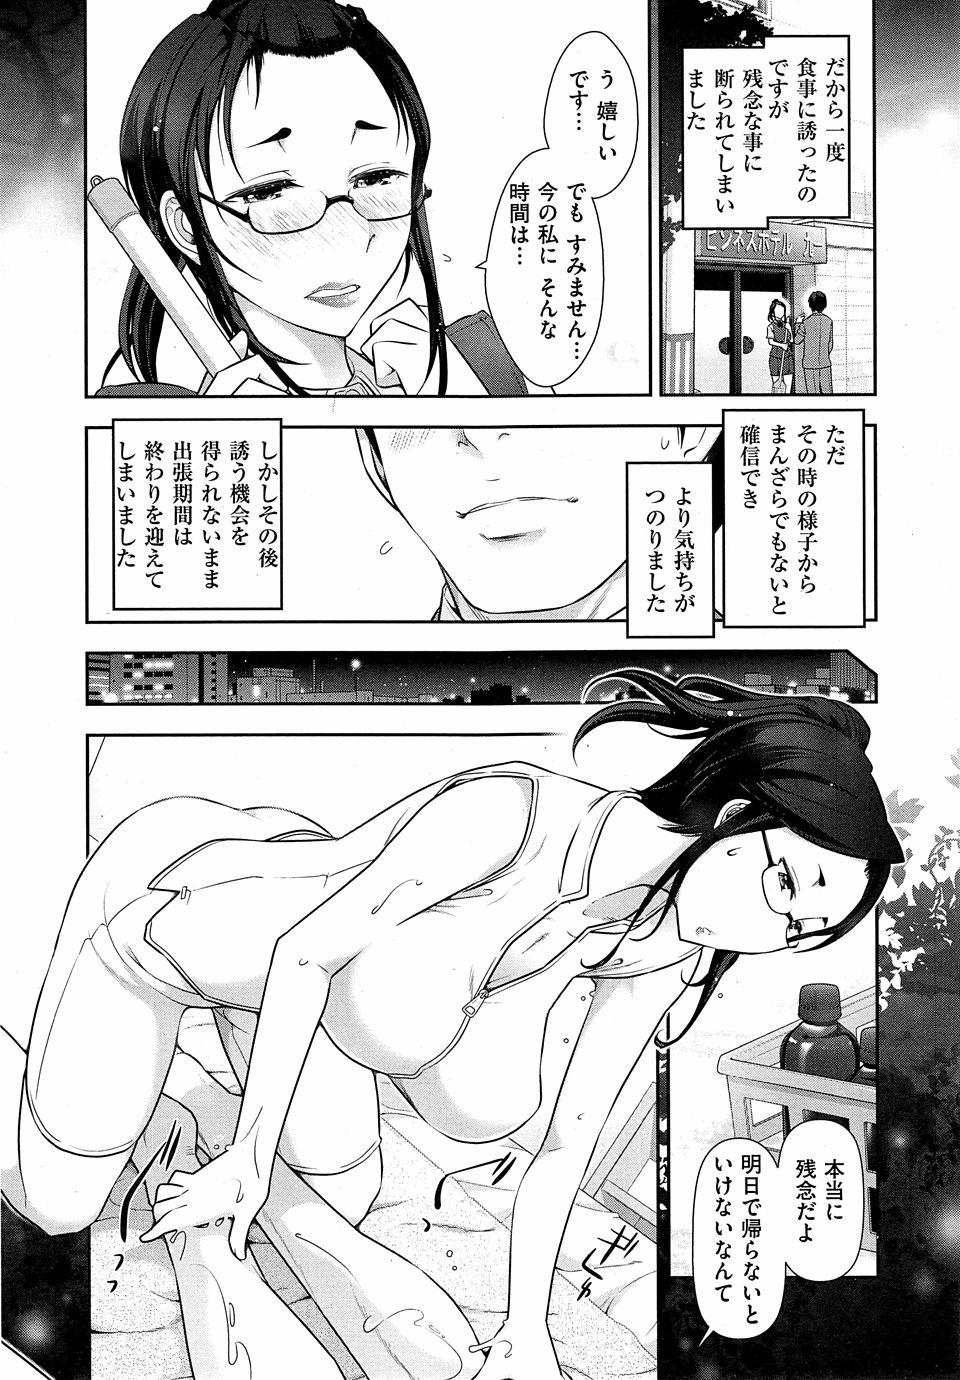 【エロ漫画・エロ同人】出張で泊まった先の巨乳支配人とエッチな展開になったンゴwww (10)